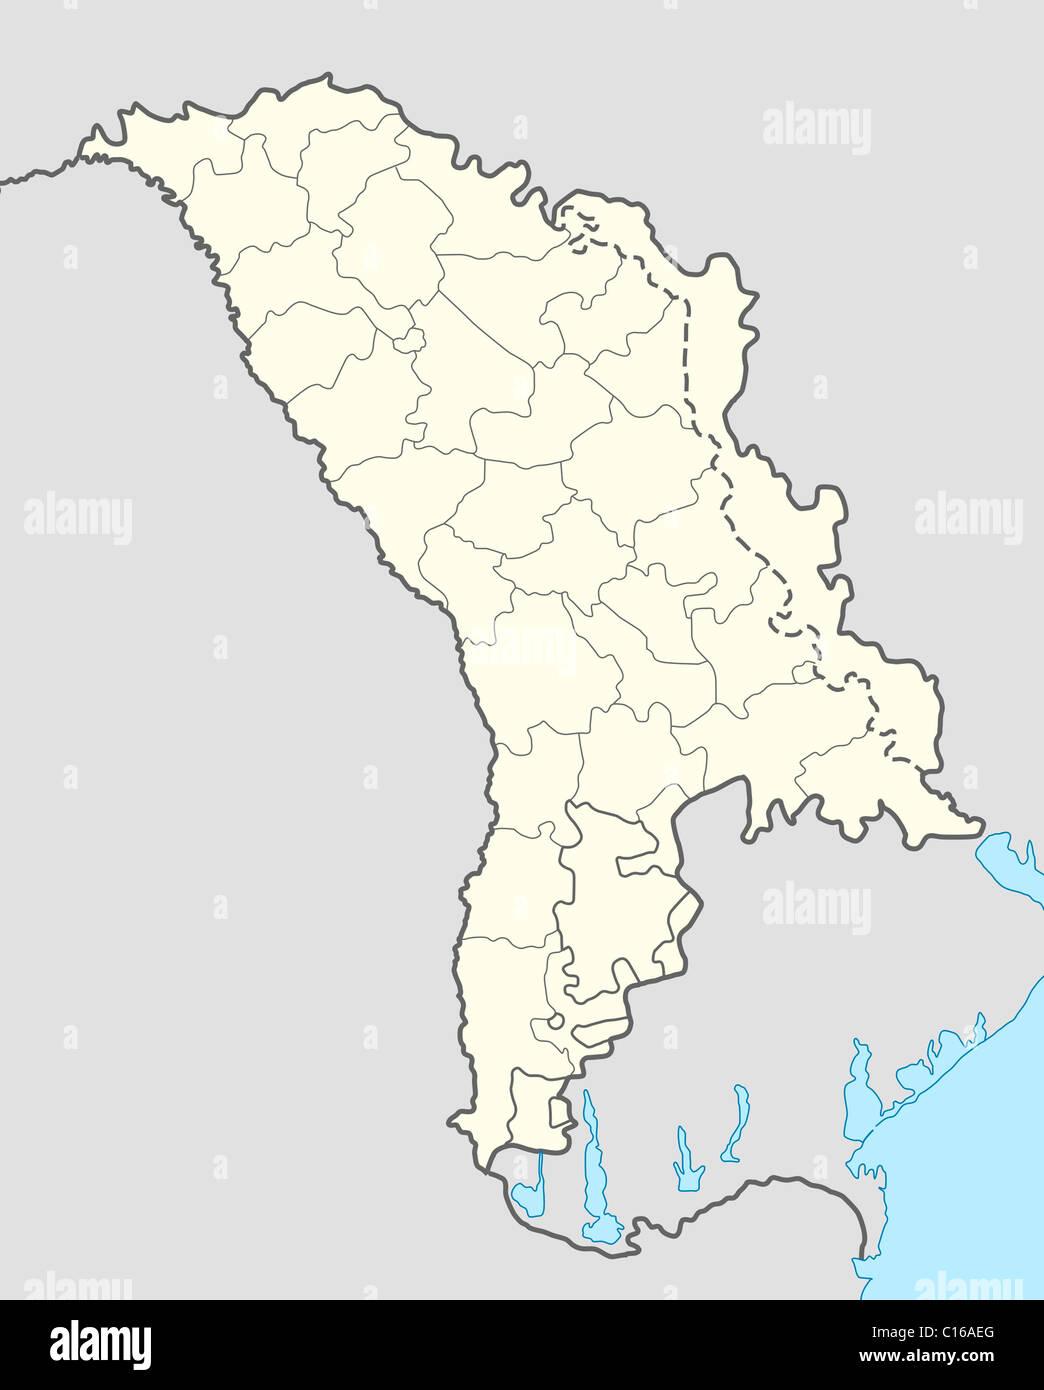 Moldawien Karte.Illustrierte Karte Von Moldawien Stockfoto Bild 35175352 Alamy